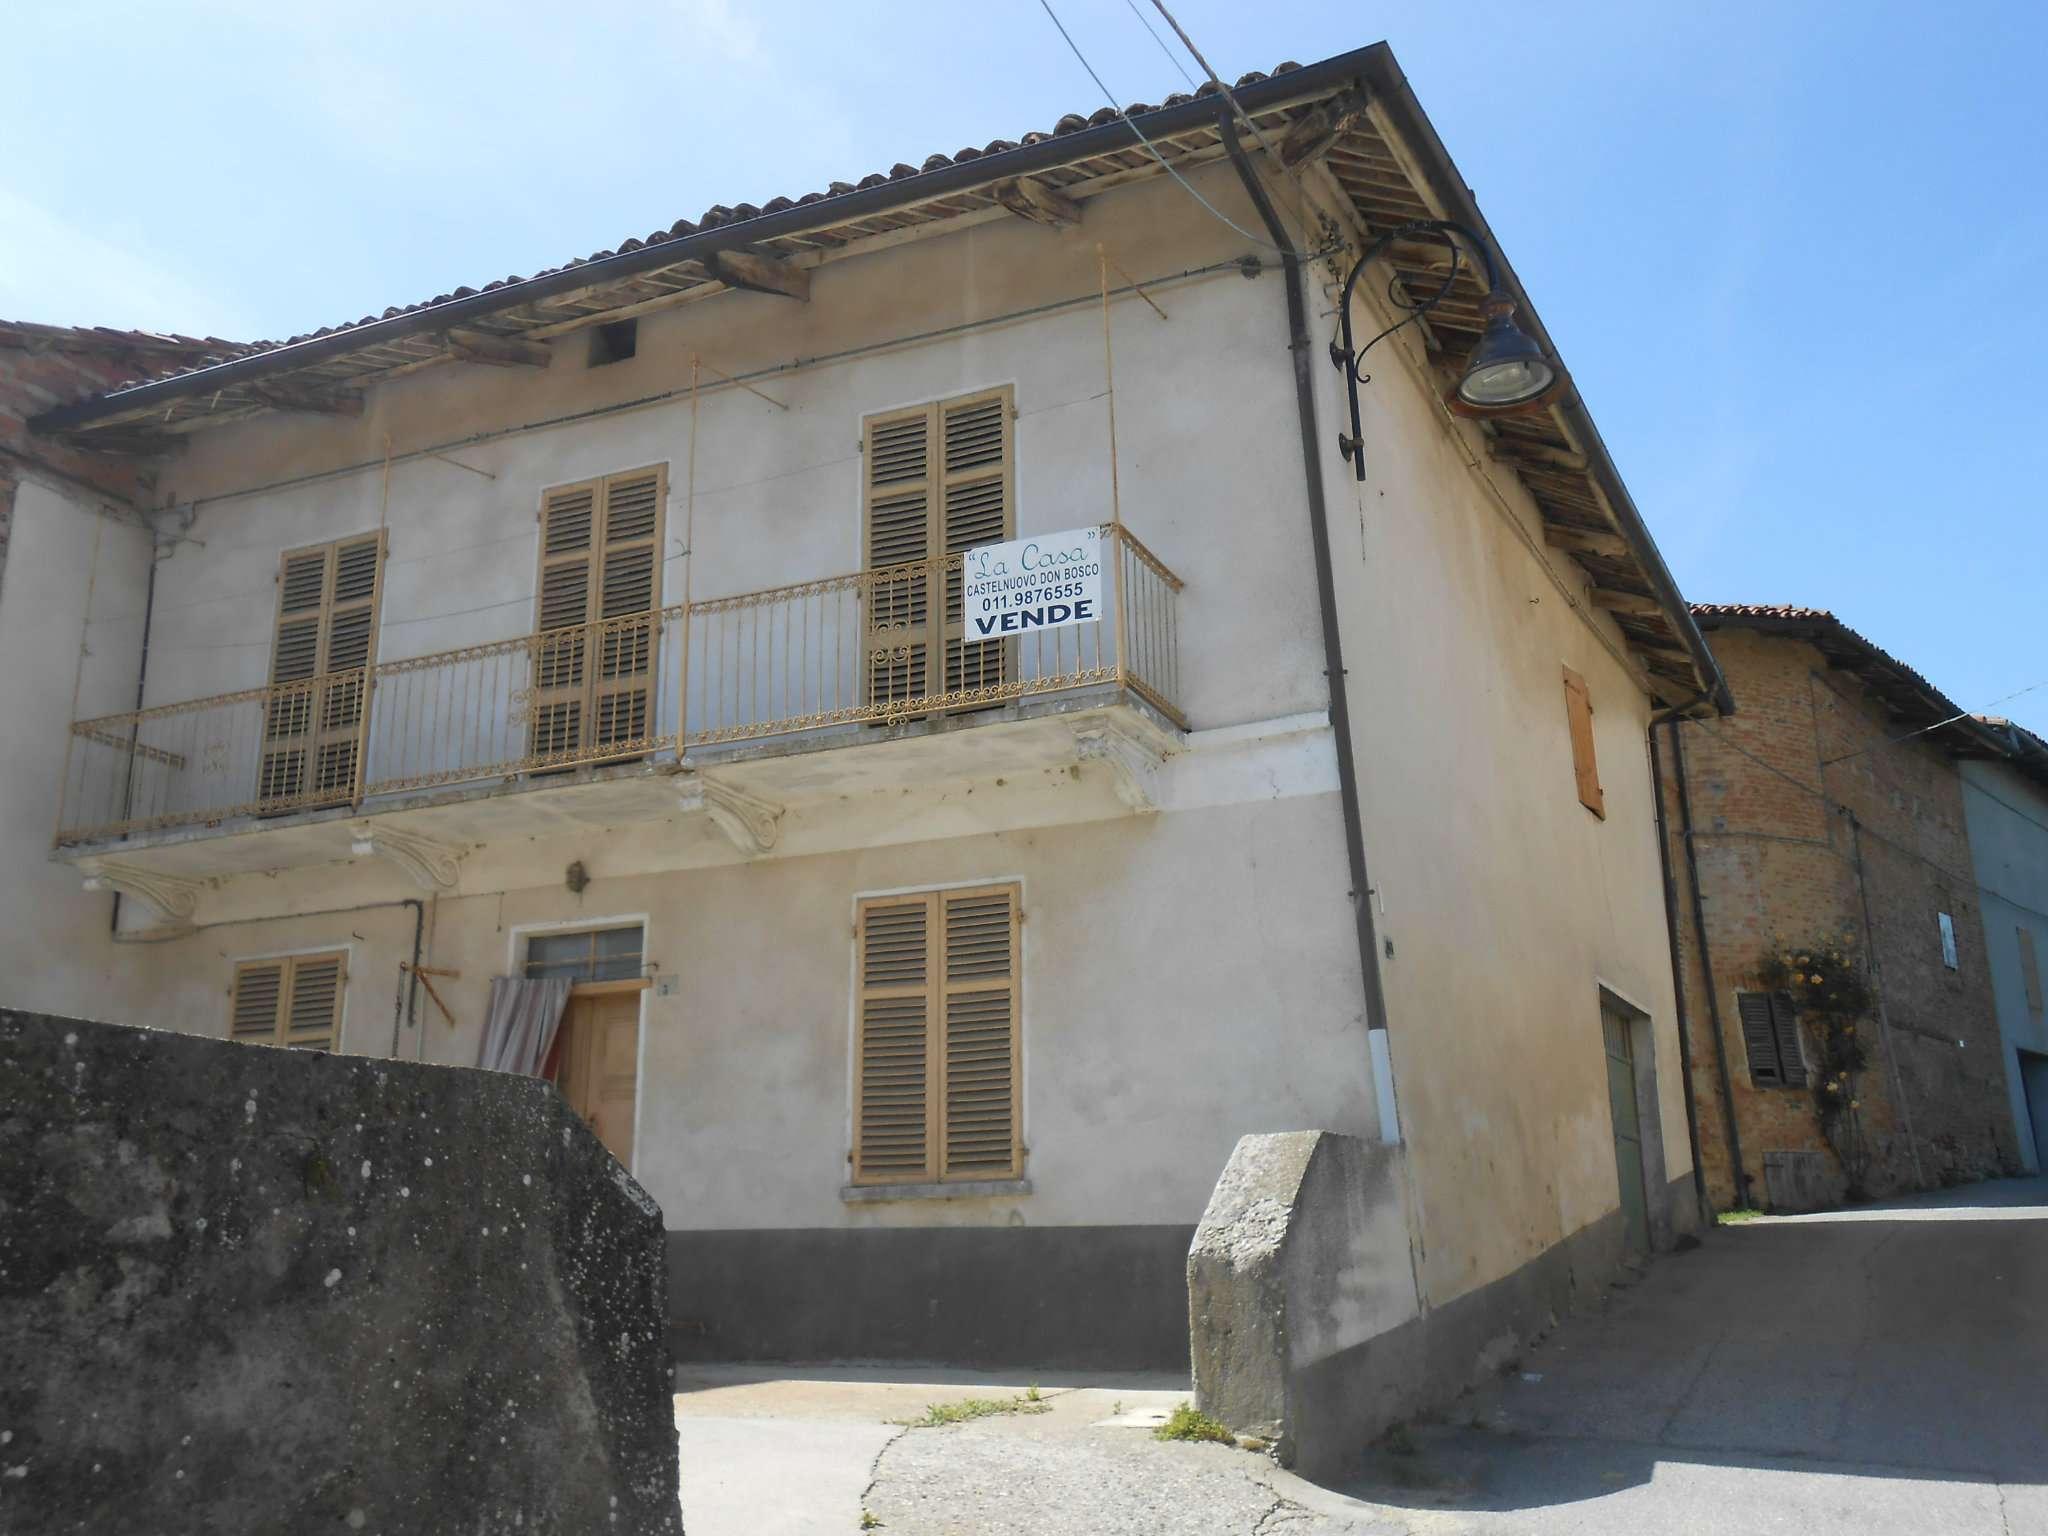 Soluzione Indipendente in vendita a Cerreto d'Asti, 12 locali, prezzo € 58.000 | CambioCasa.it